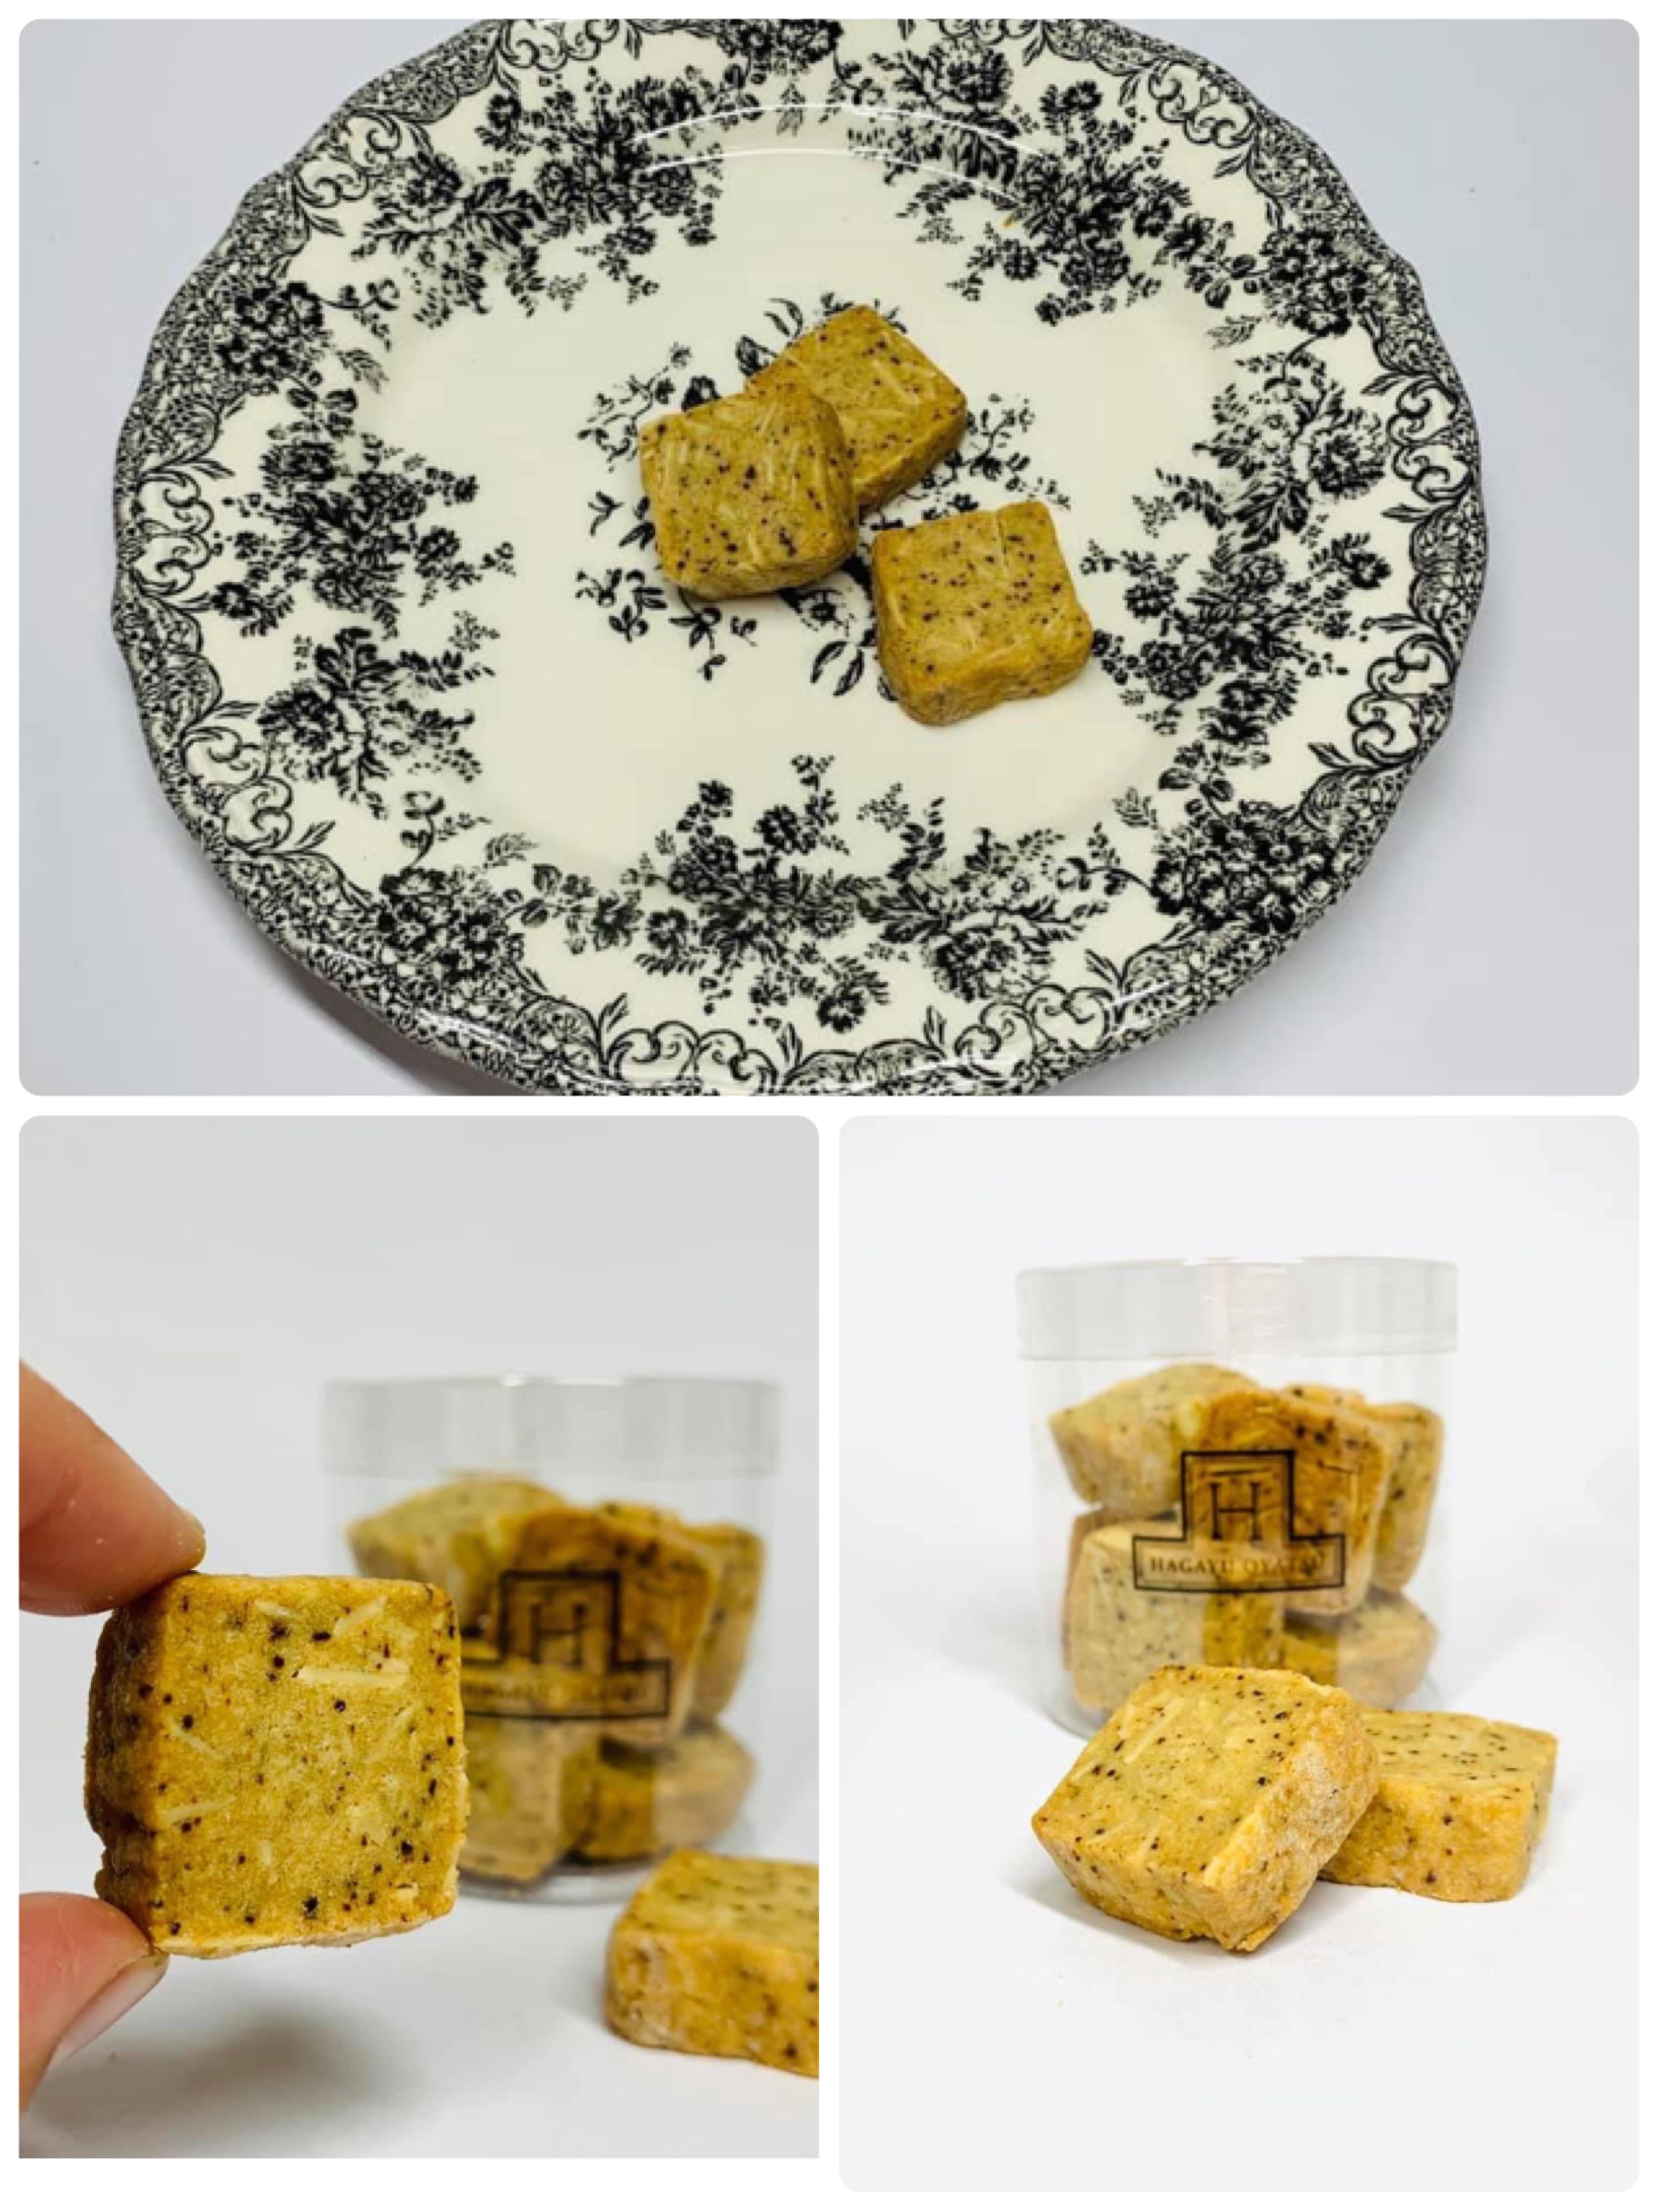 新作クッキーのご紹介です🍪